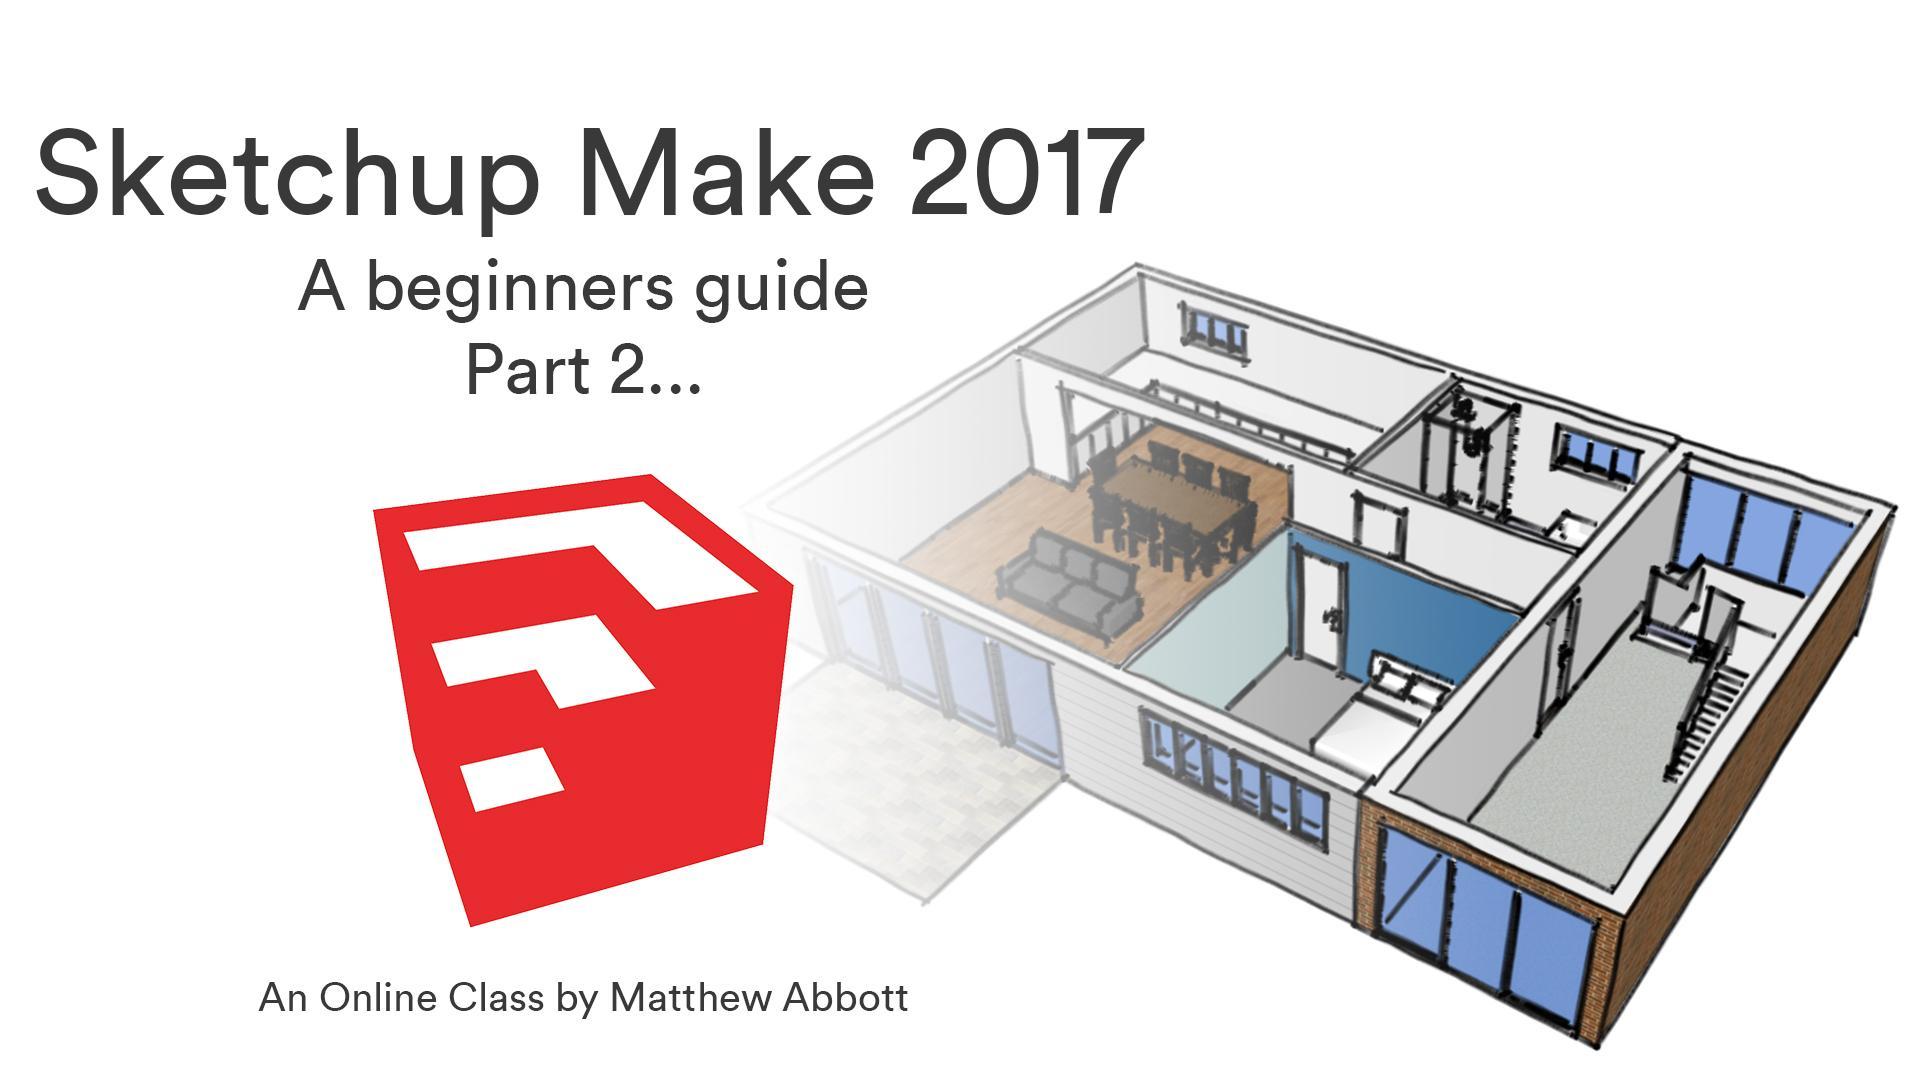 Sketchup Make 2017 a beginners guide part 3 | Matthew Abbott